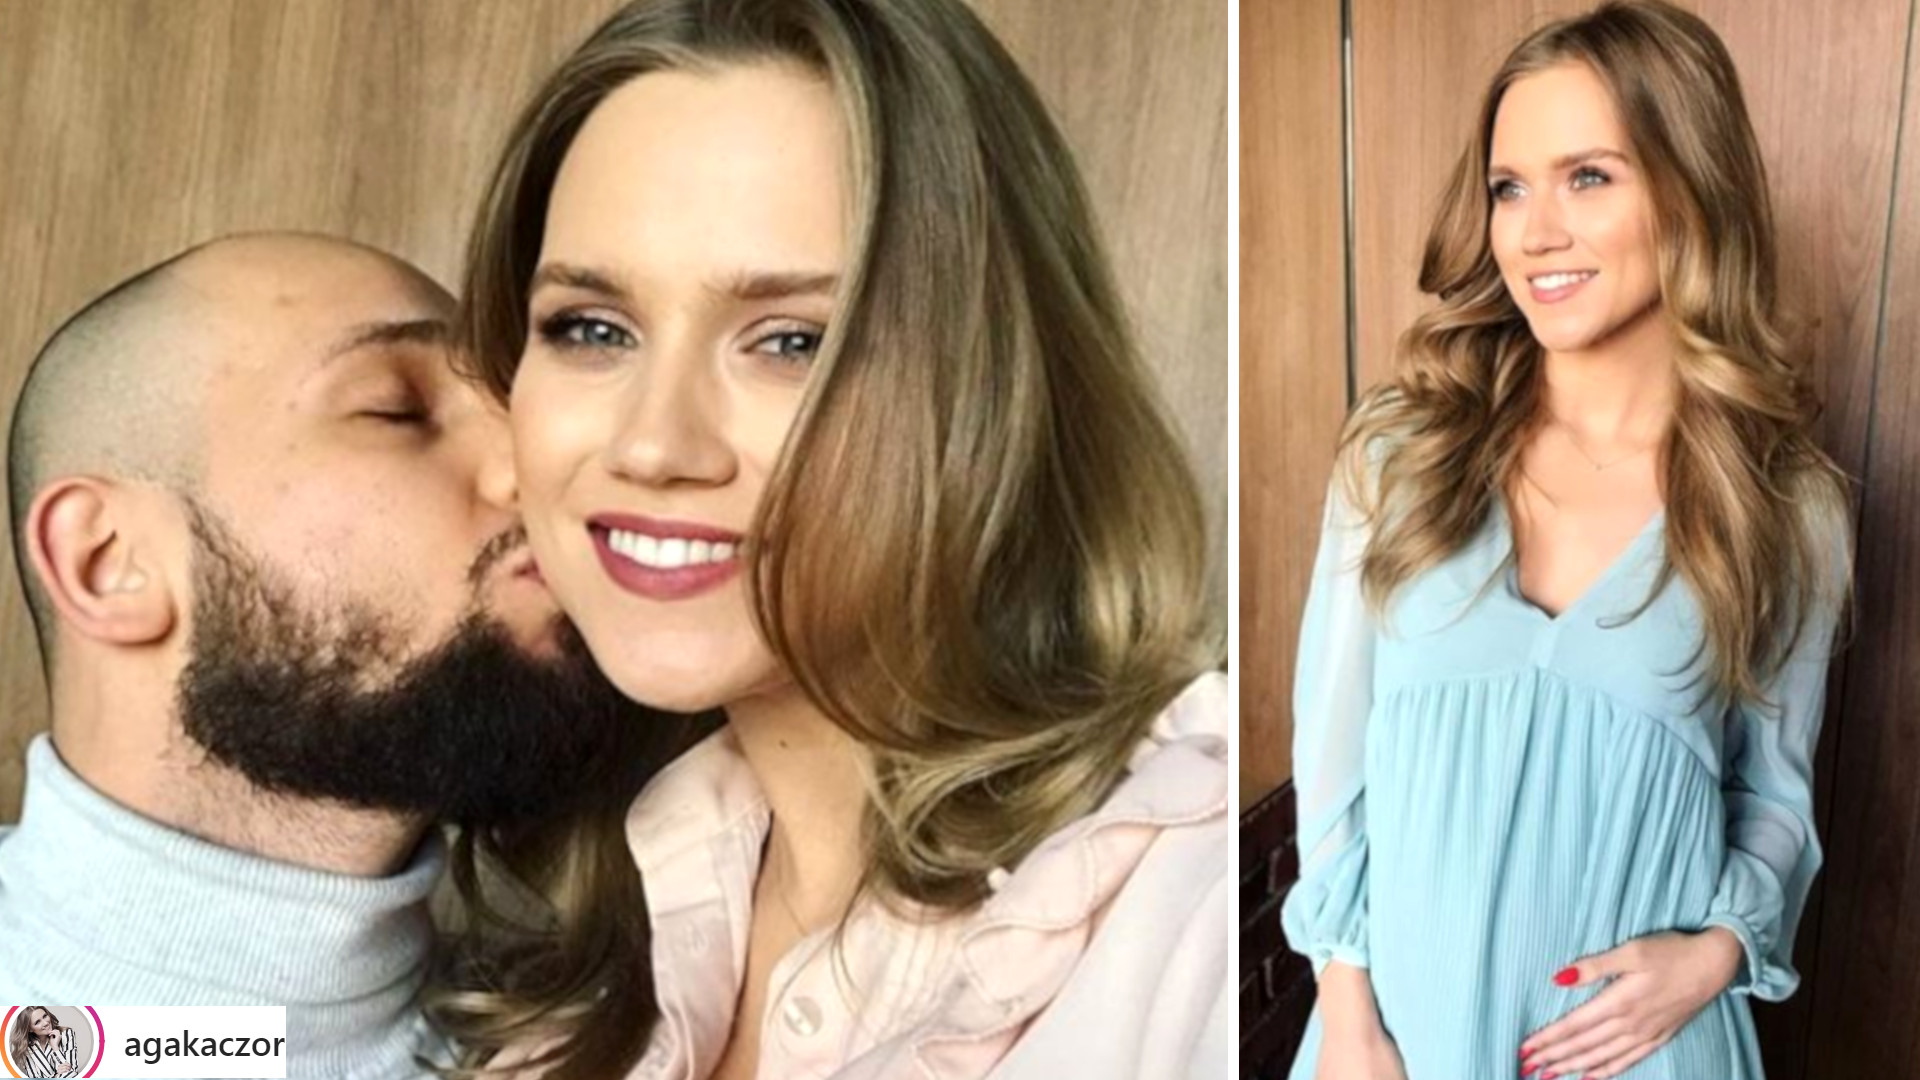 Czy Agnieszka Kaczorowska chce, żeby jej mąż brał udział w porodzie?